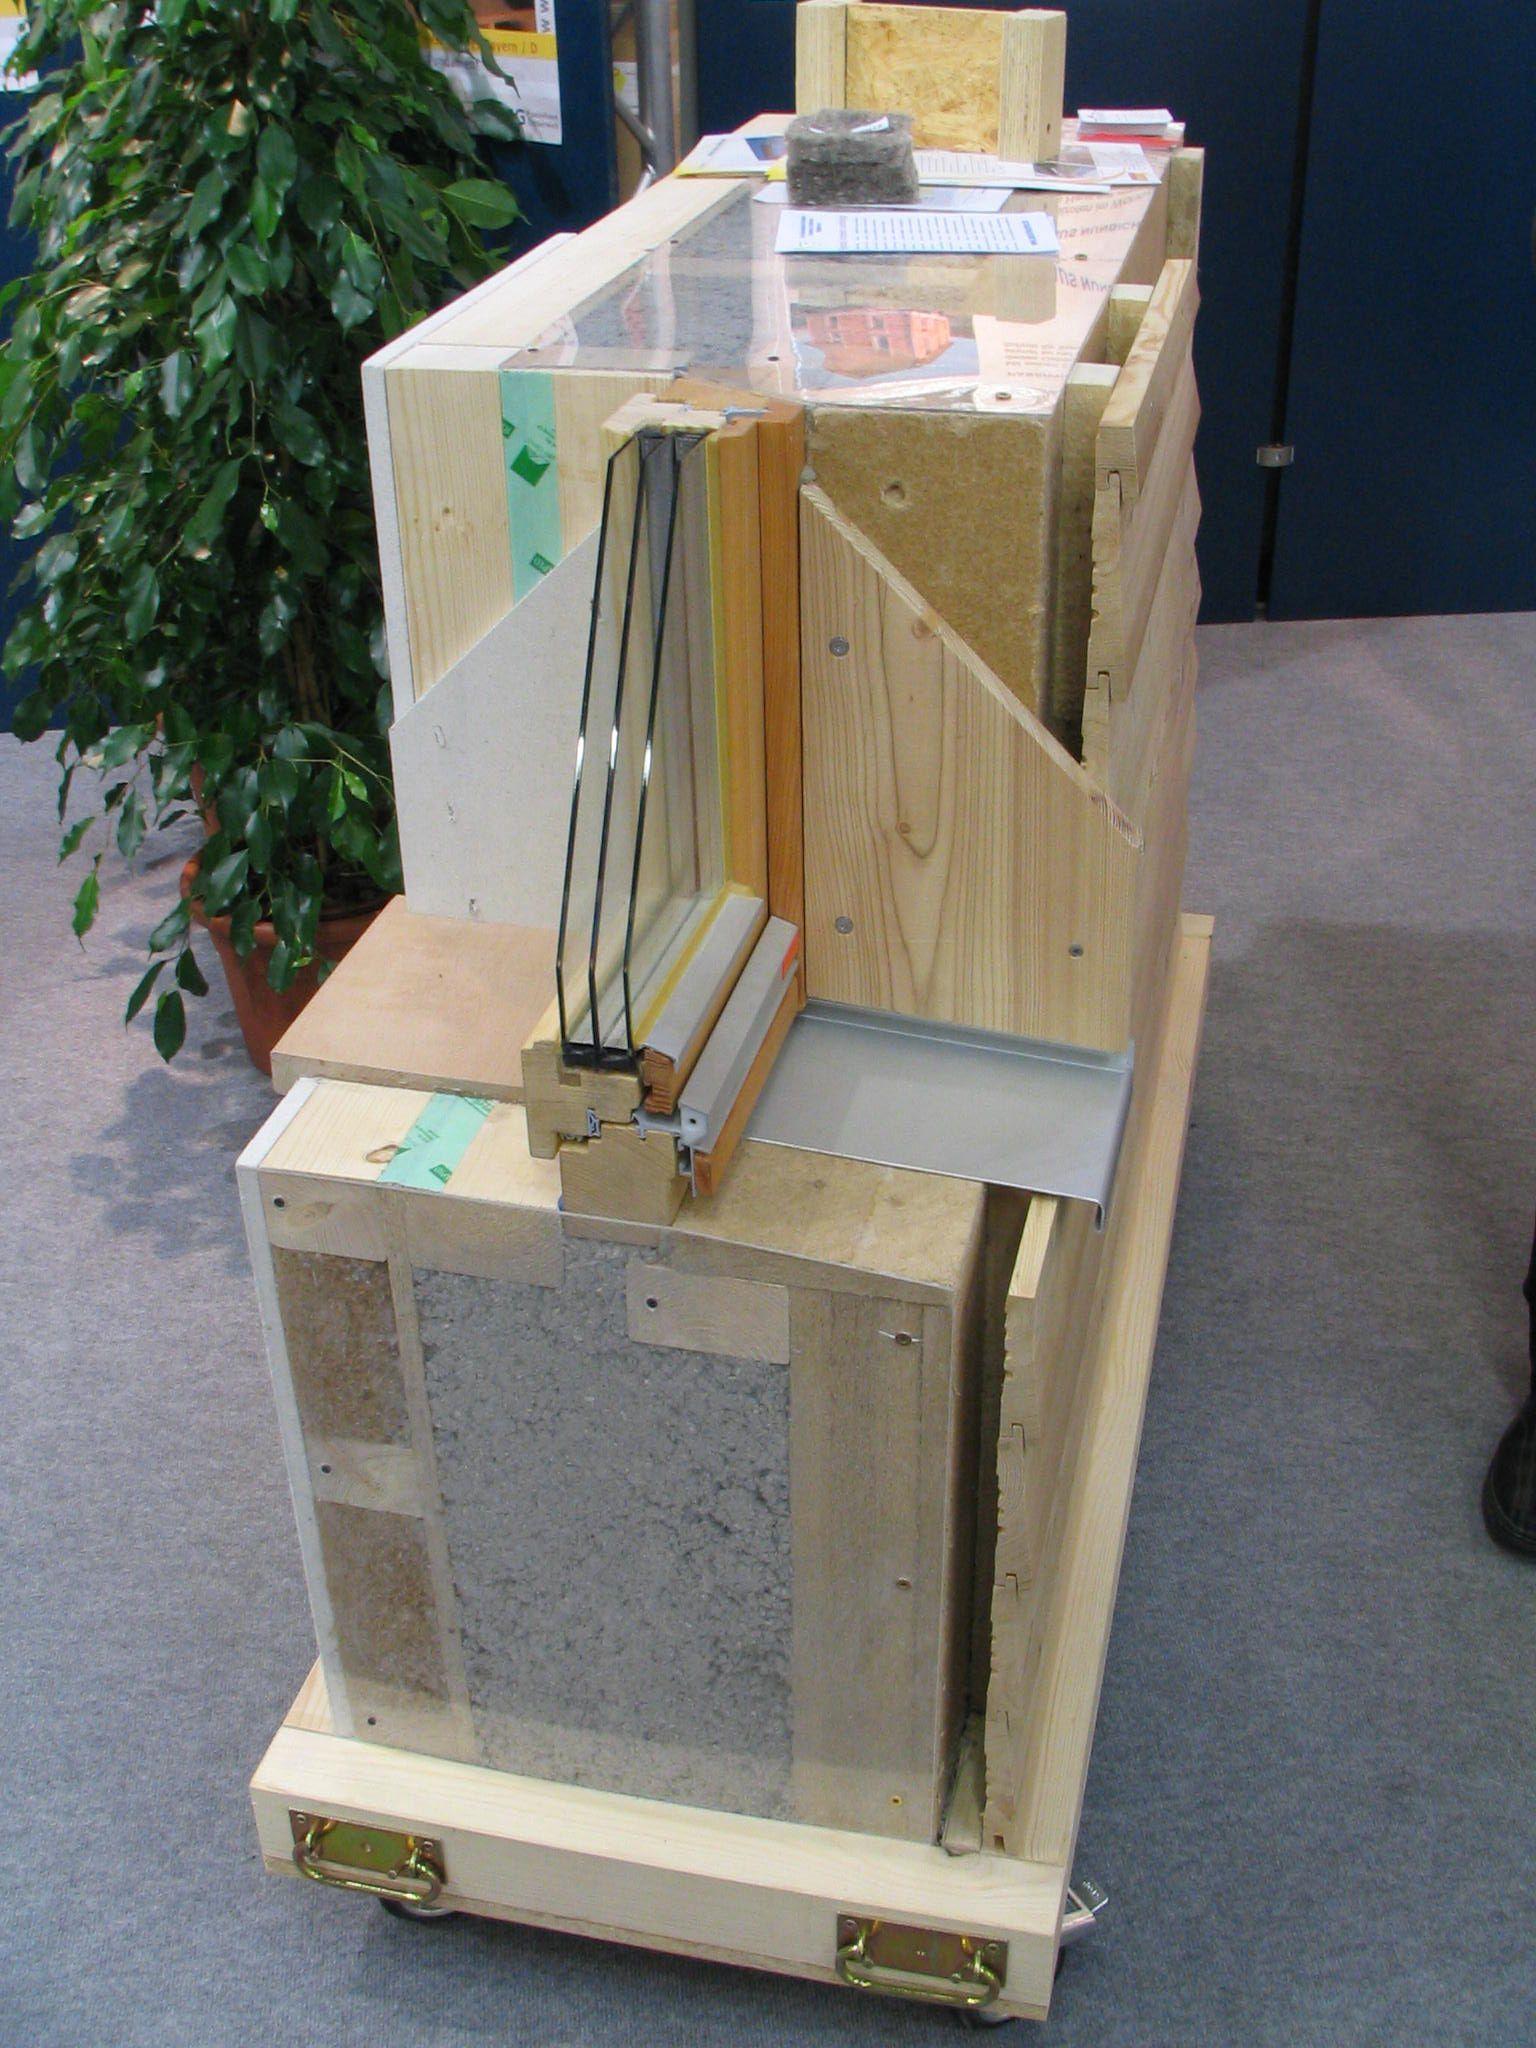 Passivhaus wandaufbau  wohnen.pege.org 2007-bauen-wohnen passivhaus-wandaufbau_print.jpg ...